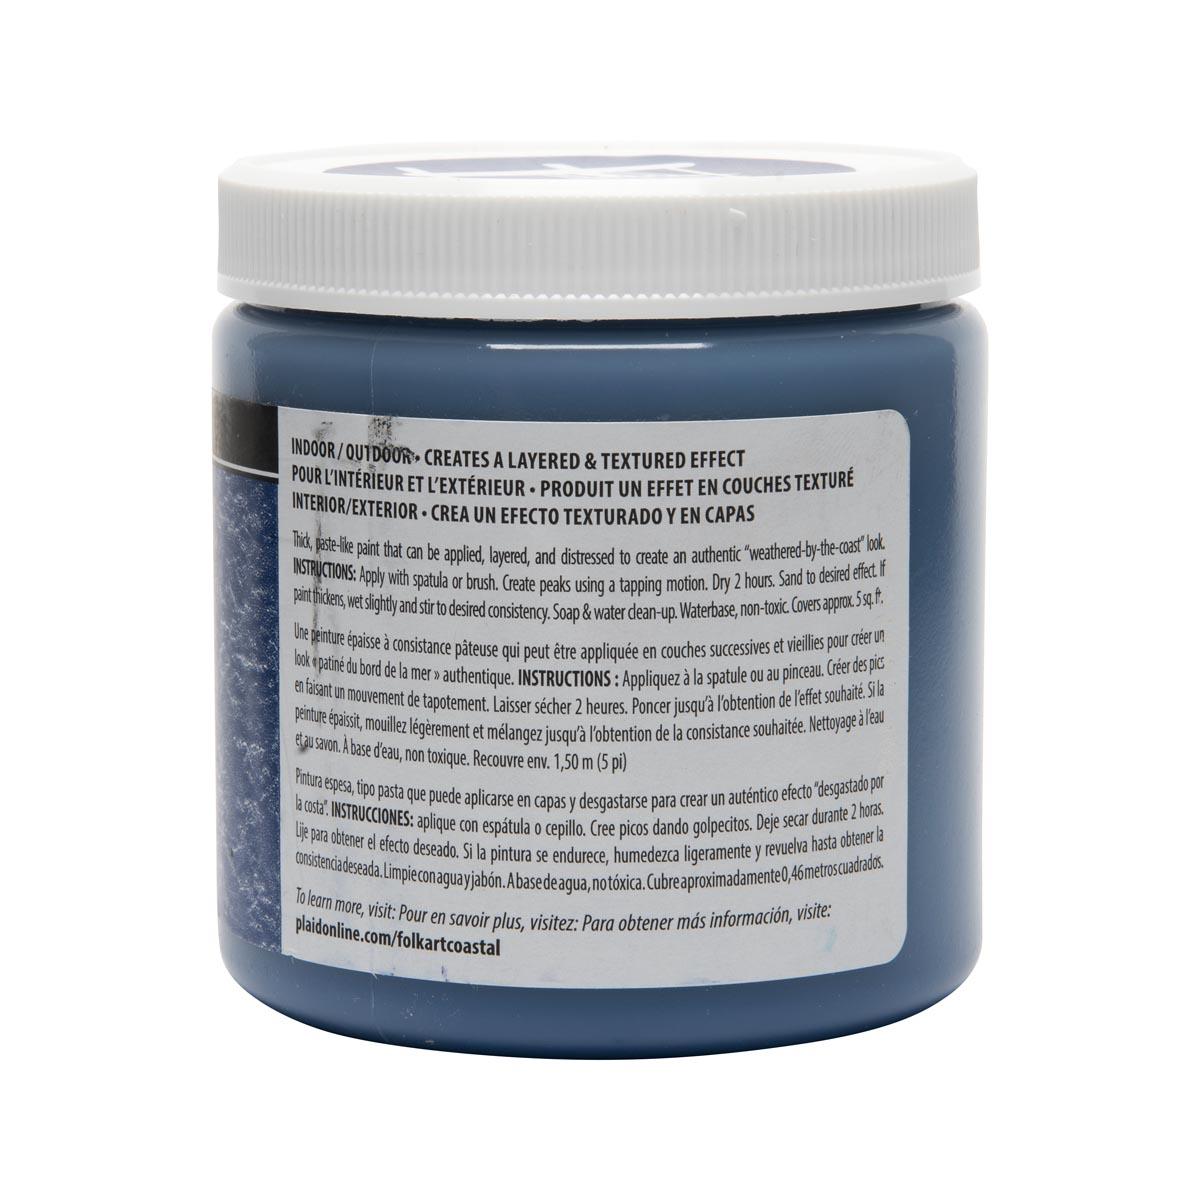 FolkArt ® Coastal™ Texture Paint - Poseidon, 8 oz. - 6517